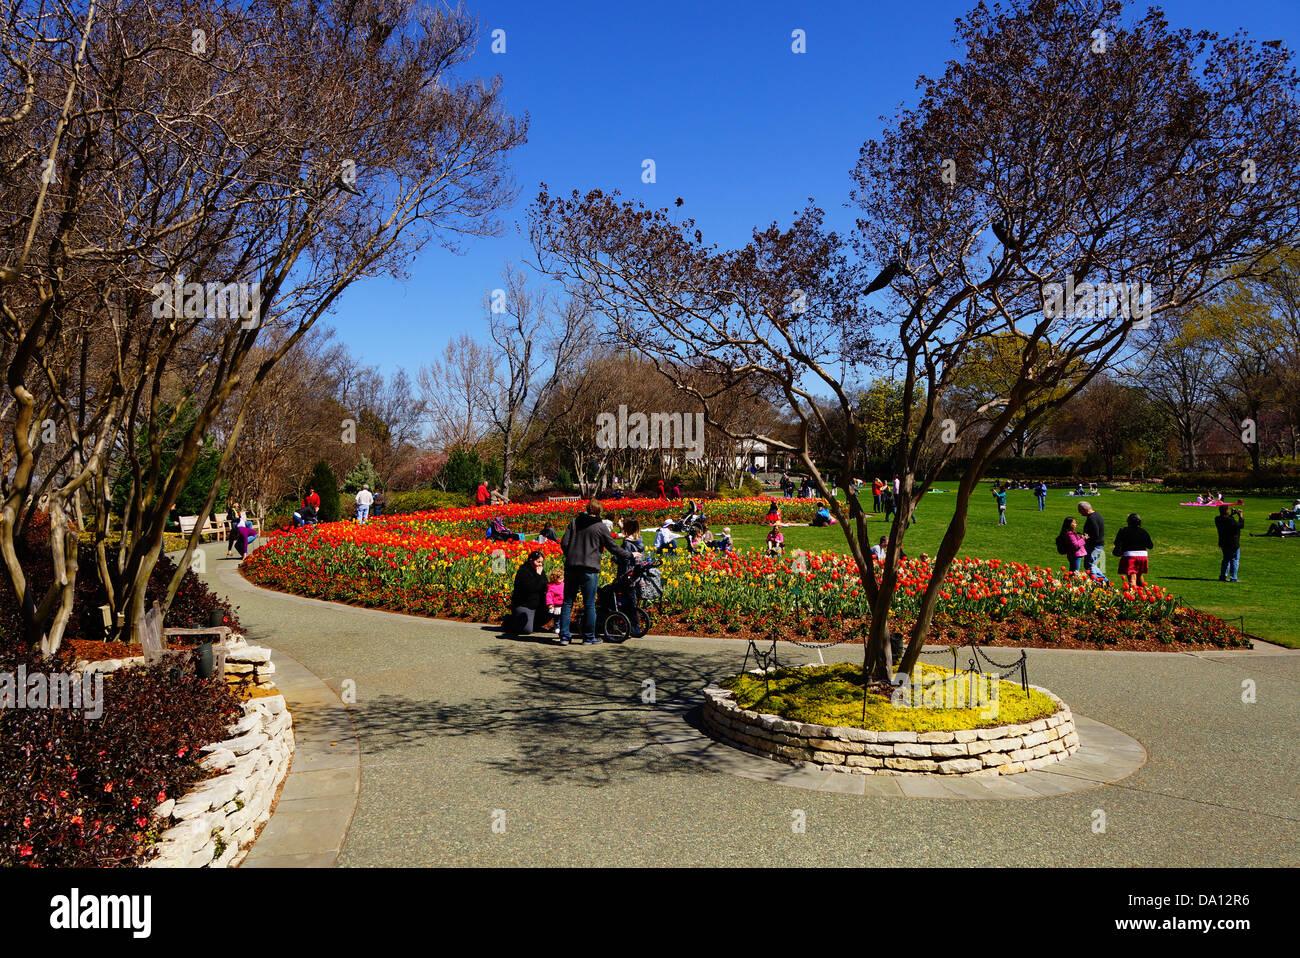 Dallas Arboretum Botanical Garden In Stock Photos & Dallas Arboretum ...